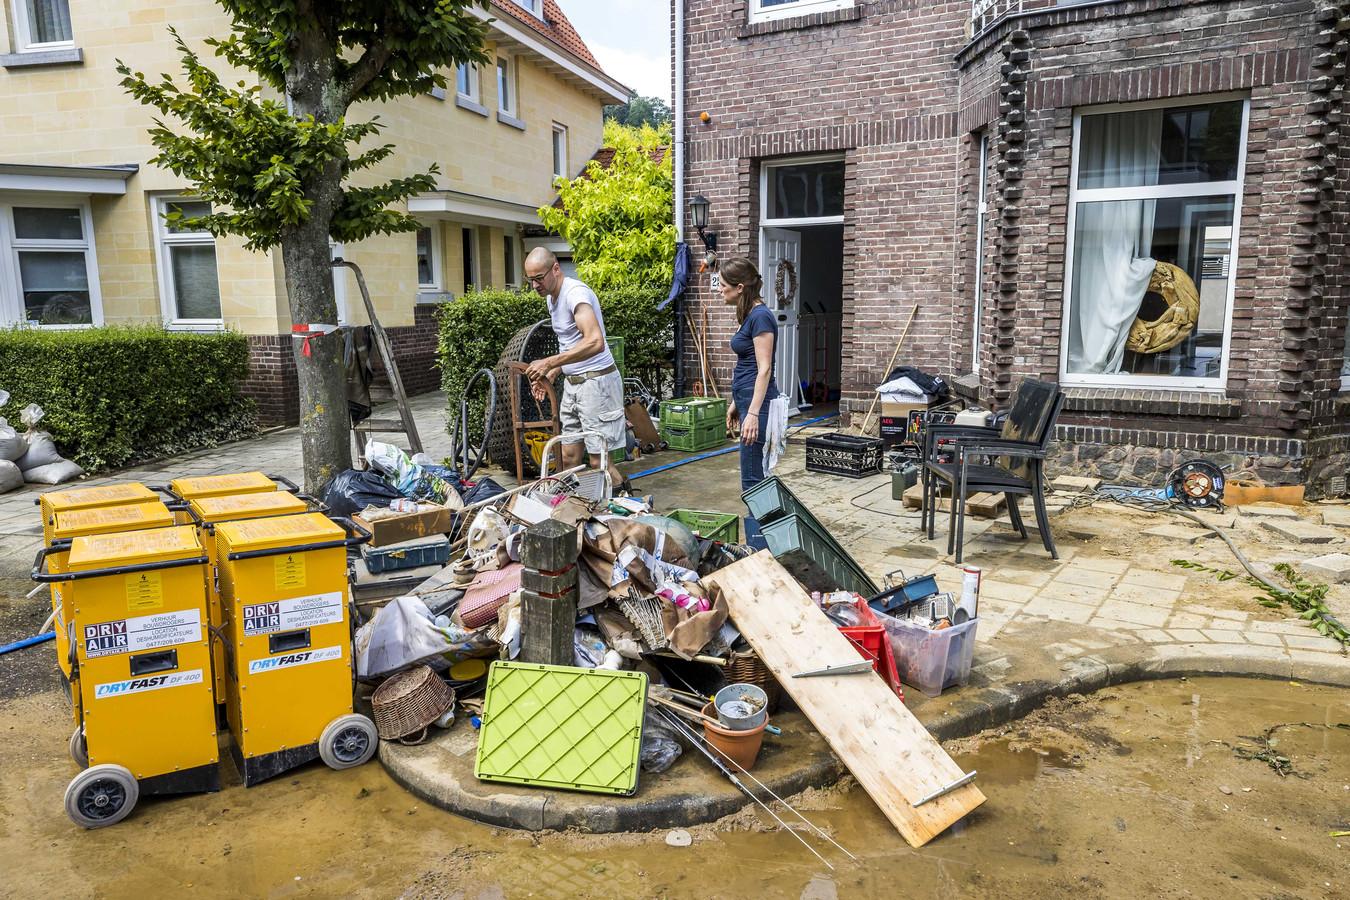 Inwoners ruimen puin na de wateroverlast in Valkenburg aan de Geul. De hevige regenval en overstromingen in Limburg hebben voor veel schade gezorgd.